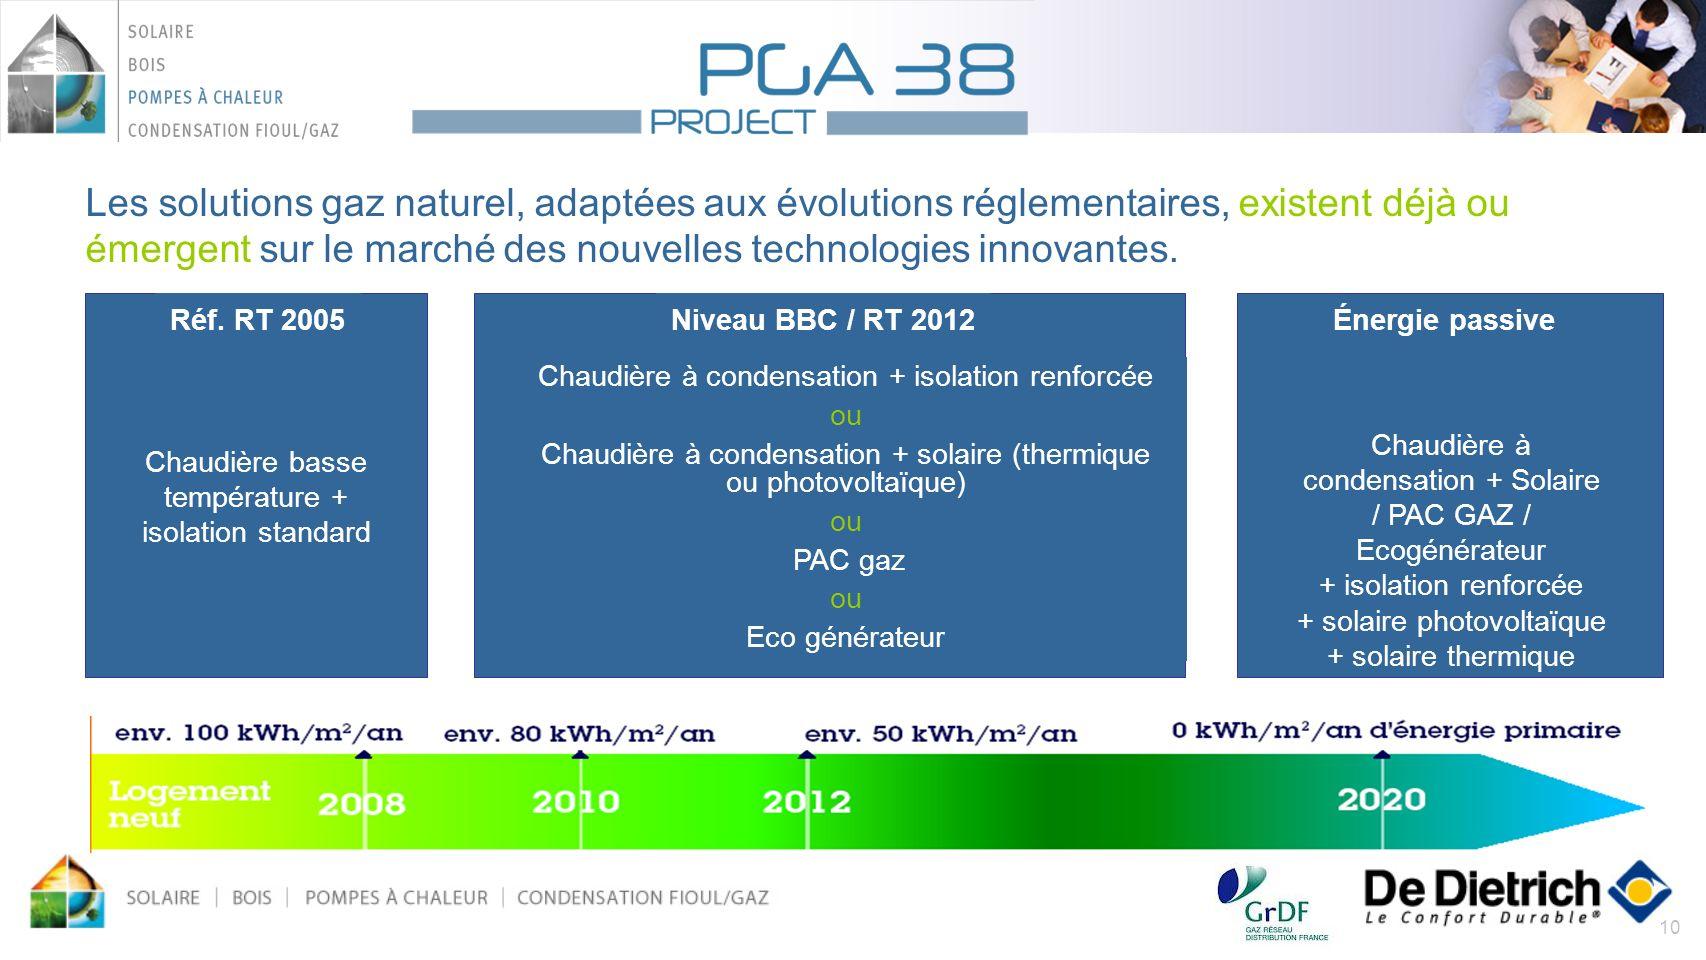 Les solutions gaz naturel, adaptées aux évolutions réglementaires, existent déjà ou émergent sur le marché des nouvelles technologies innovantes.